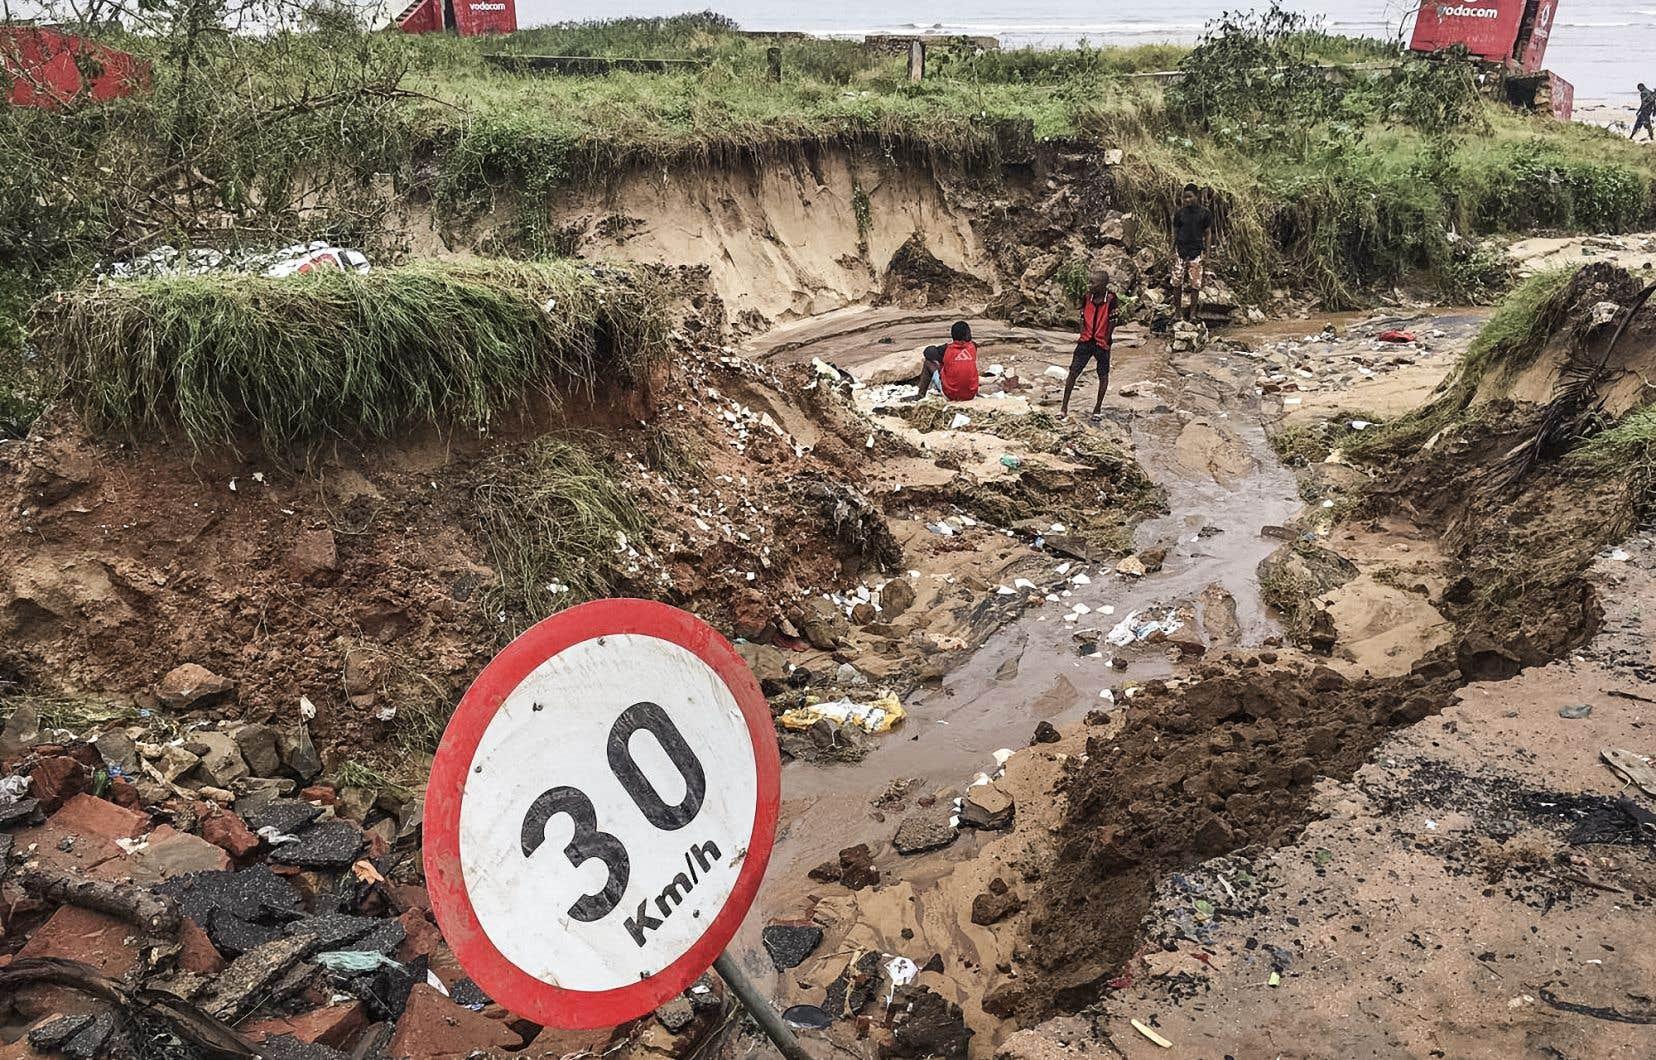 Depuis plusieurs jours, la ville de Pemba et ses environs sont noyés sous de fortes pluies qui ont inondé plusieurs des quartiers de la ville et coupé de nombreuses routes.